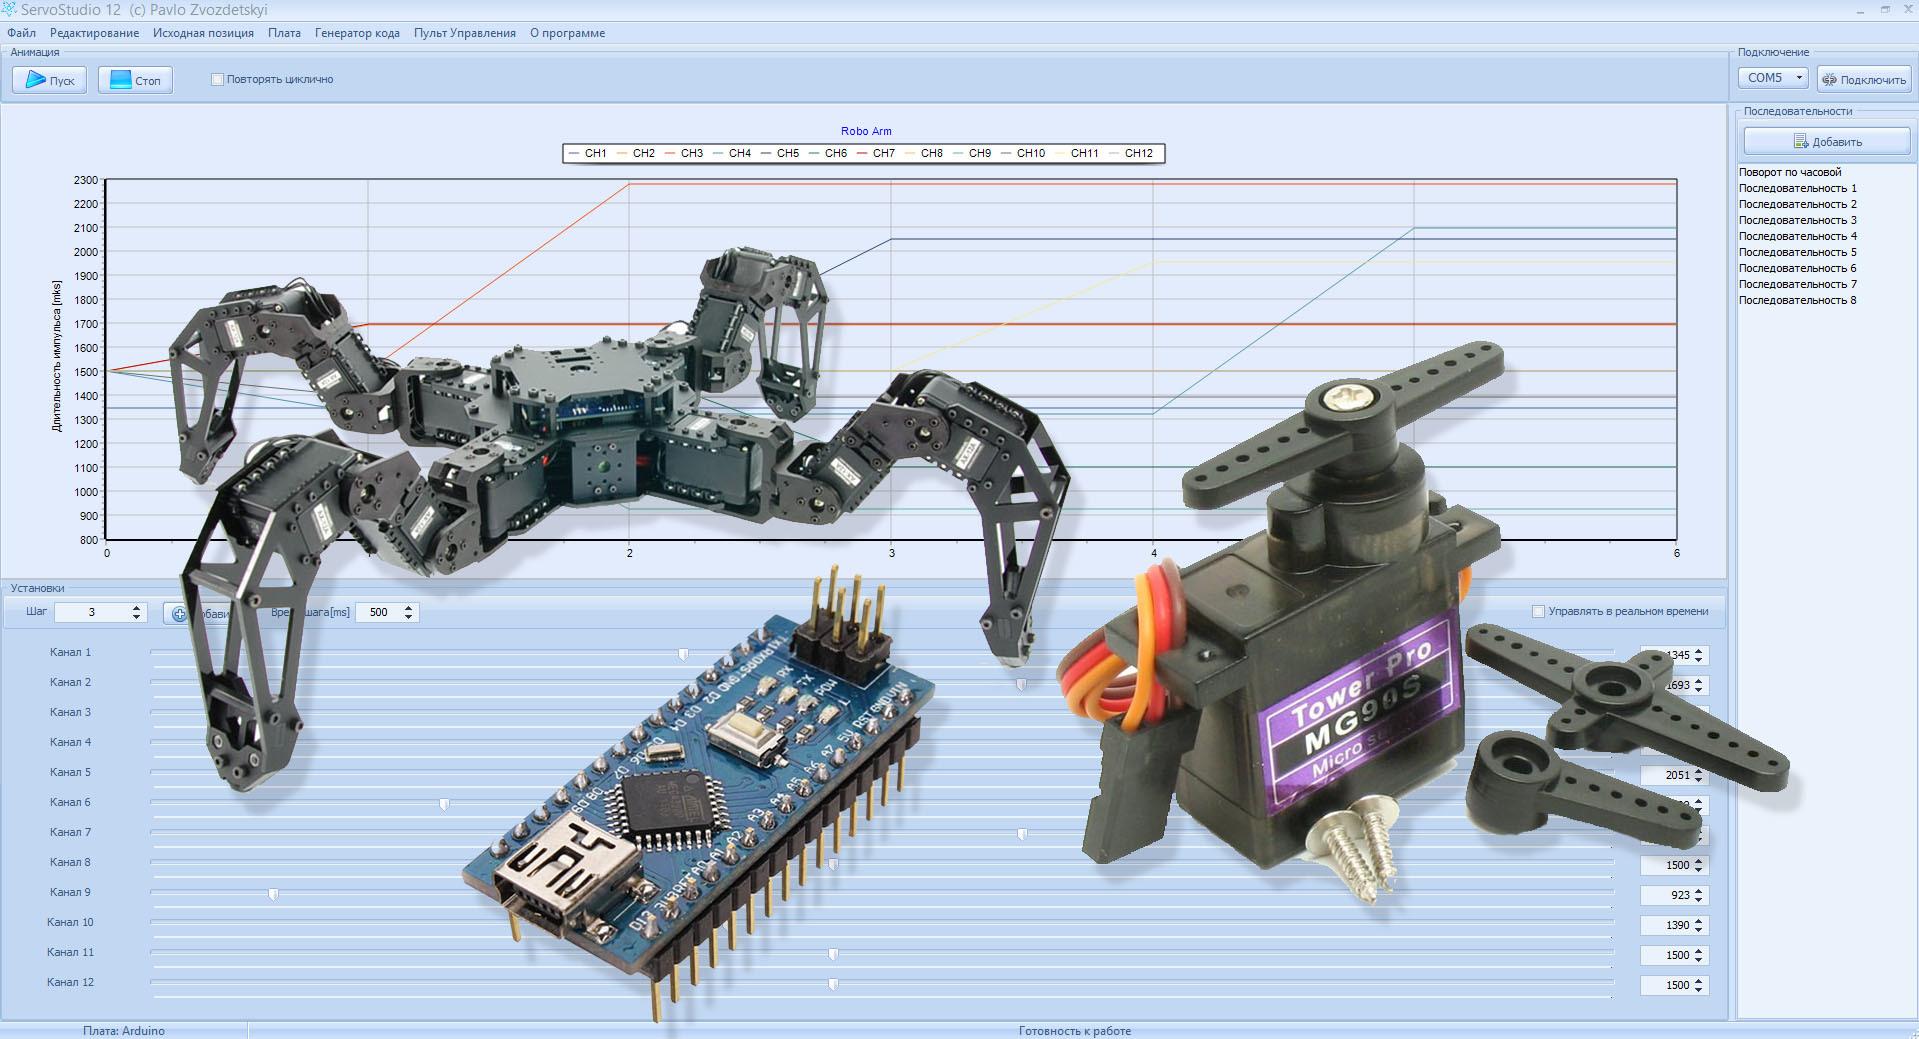 С помощью программы ServoStudio 12 и платы Arduino можно создать своего робота, не написав единой строчки кода